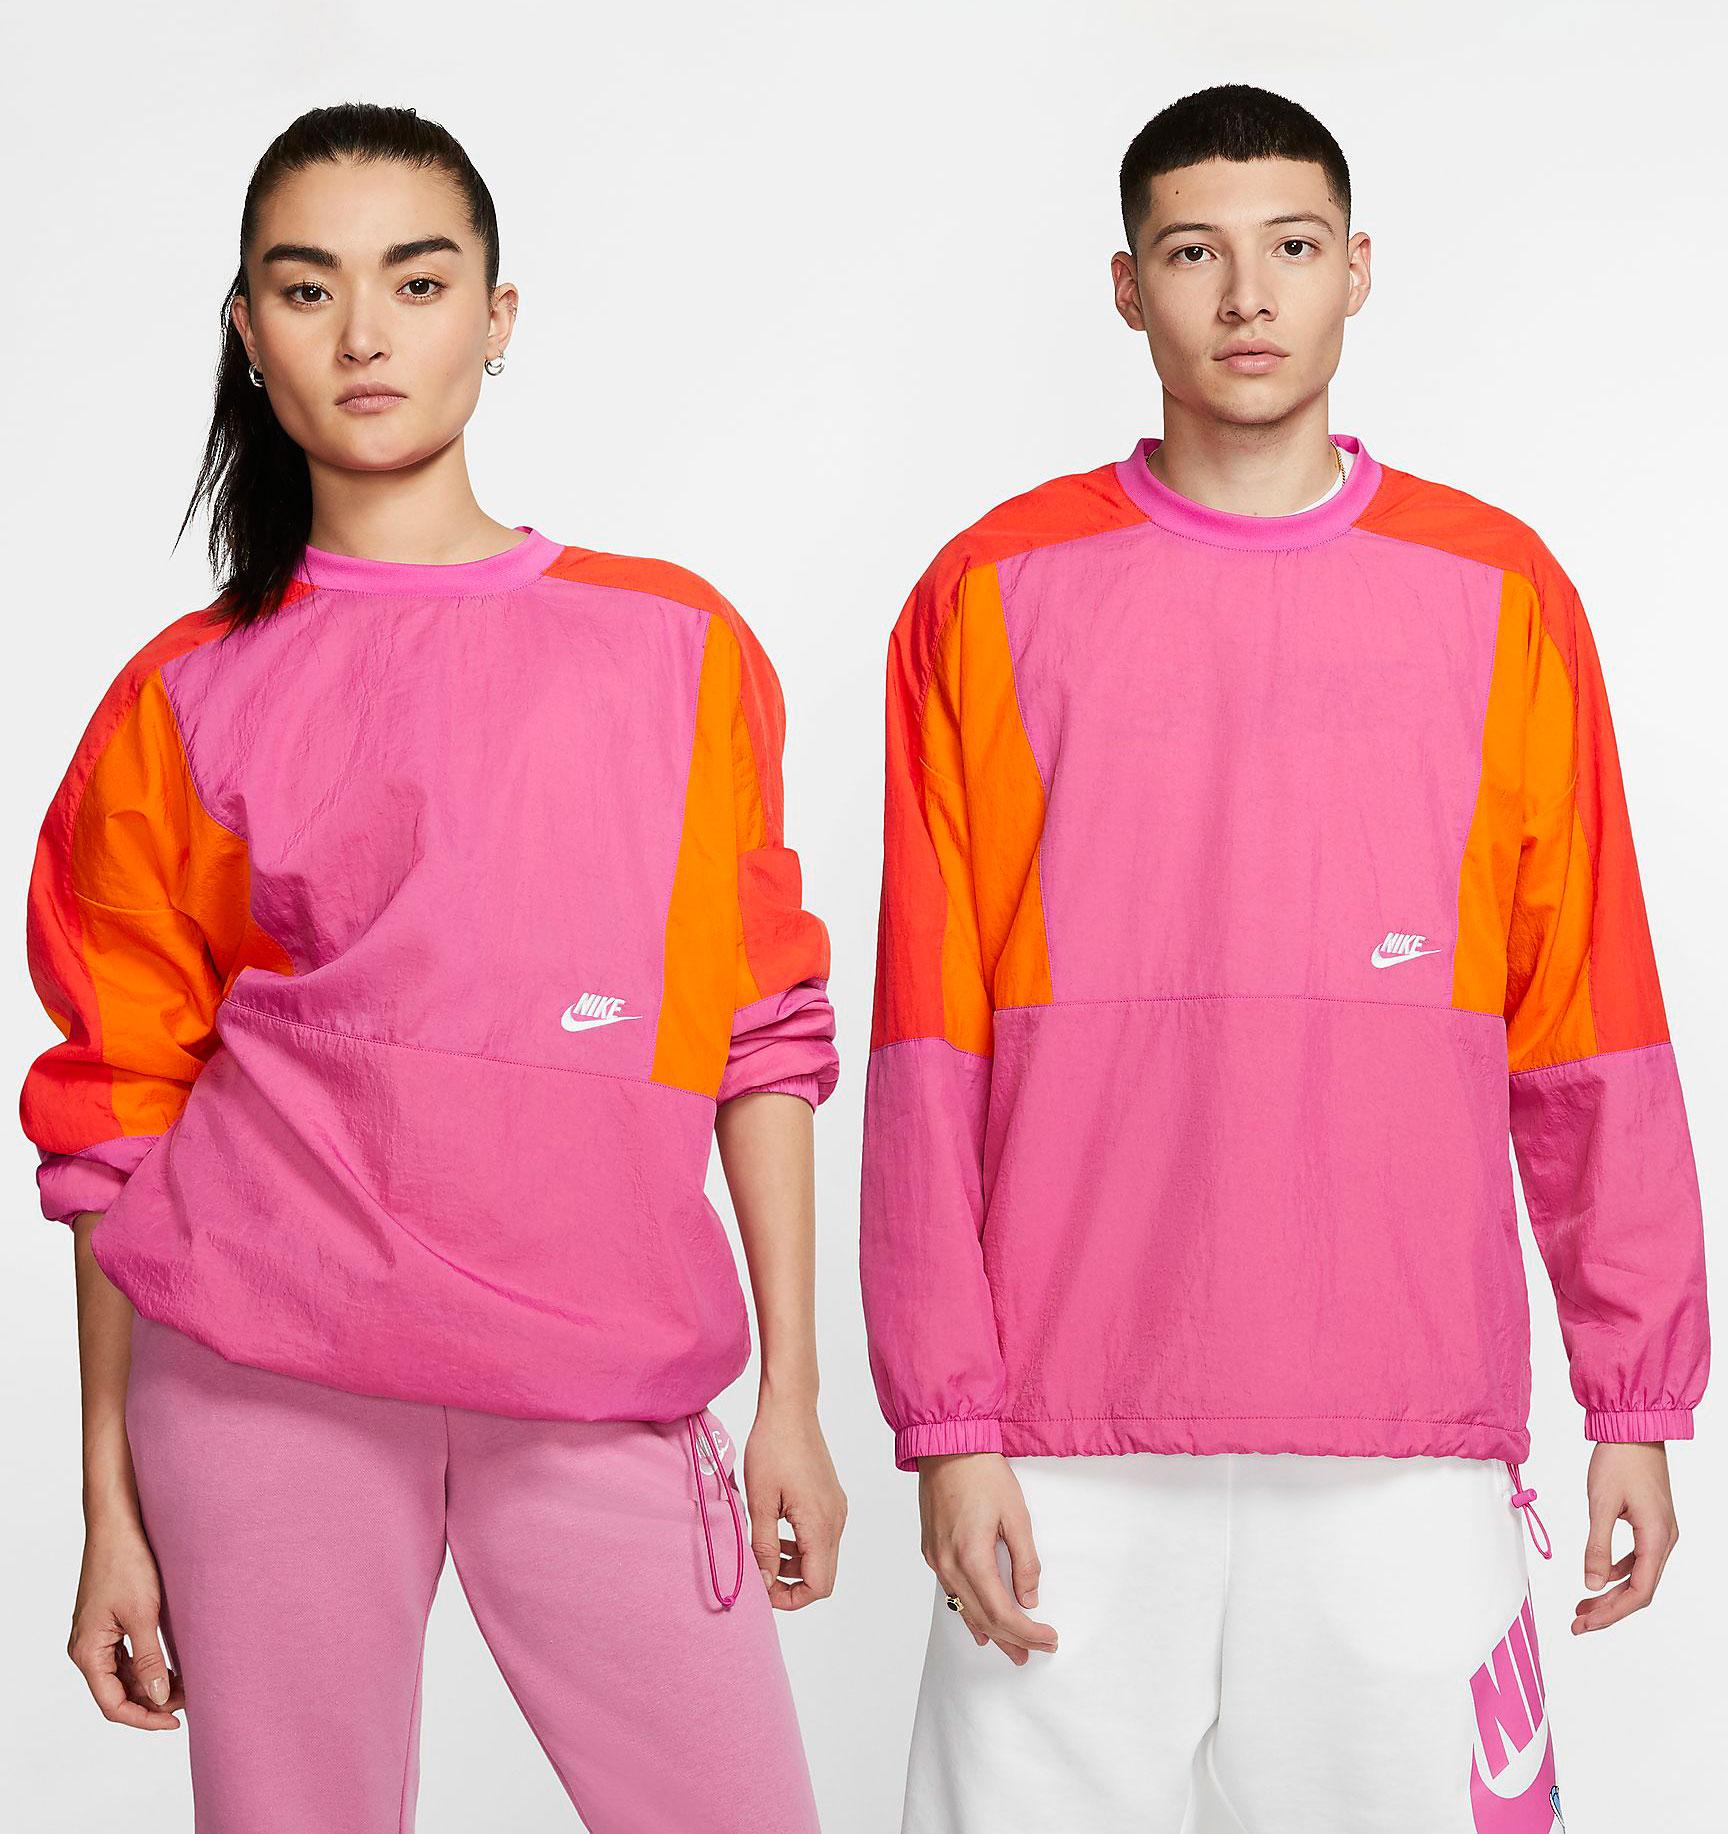 nike-sportswear-orange-pink-fuschia-crew